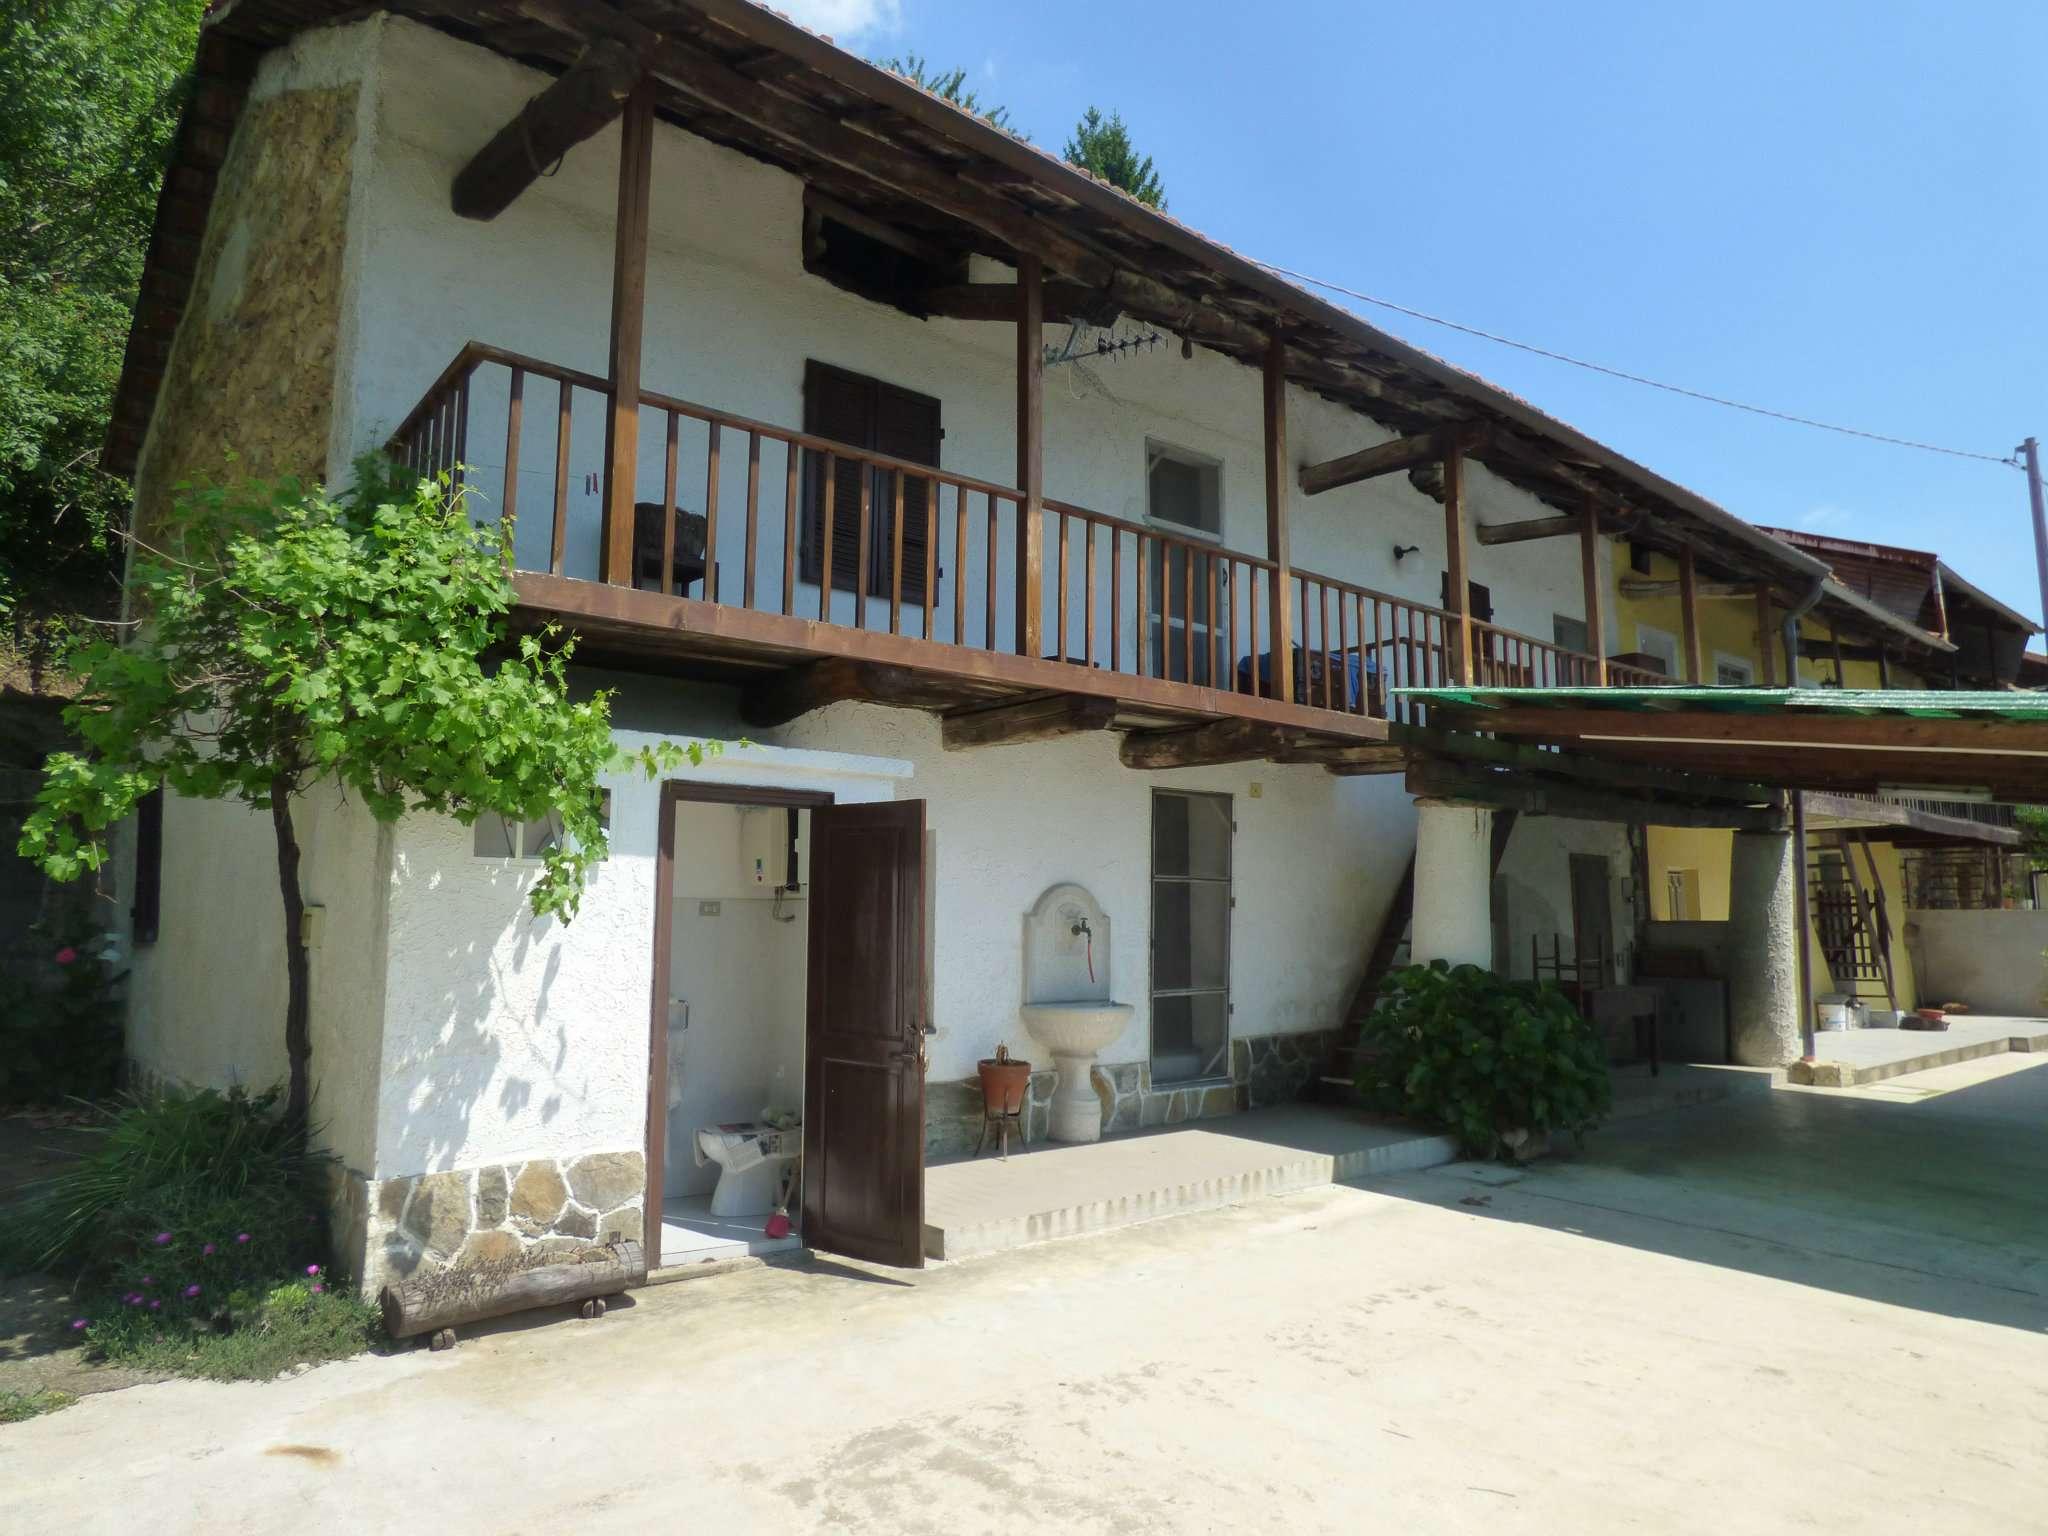 Rustico / Casale in vendita a Rocca Canavese, 4 locali, prezzo € 55.000 | CambioCasa.it